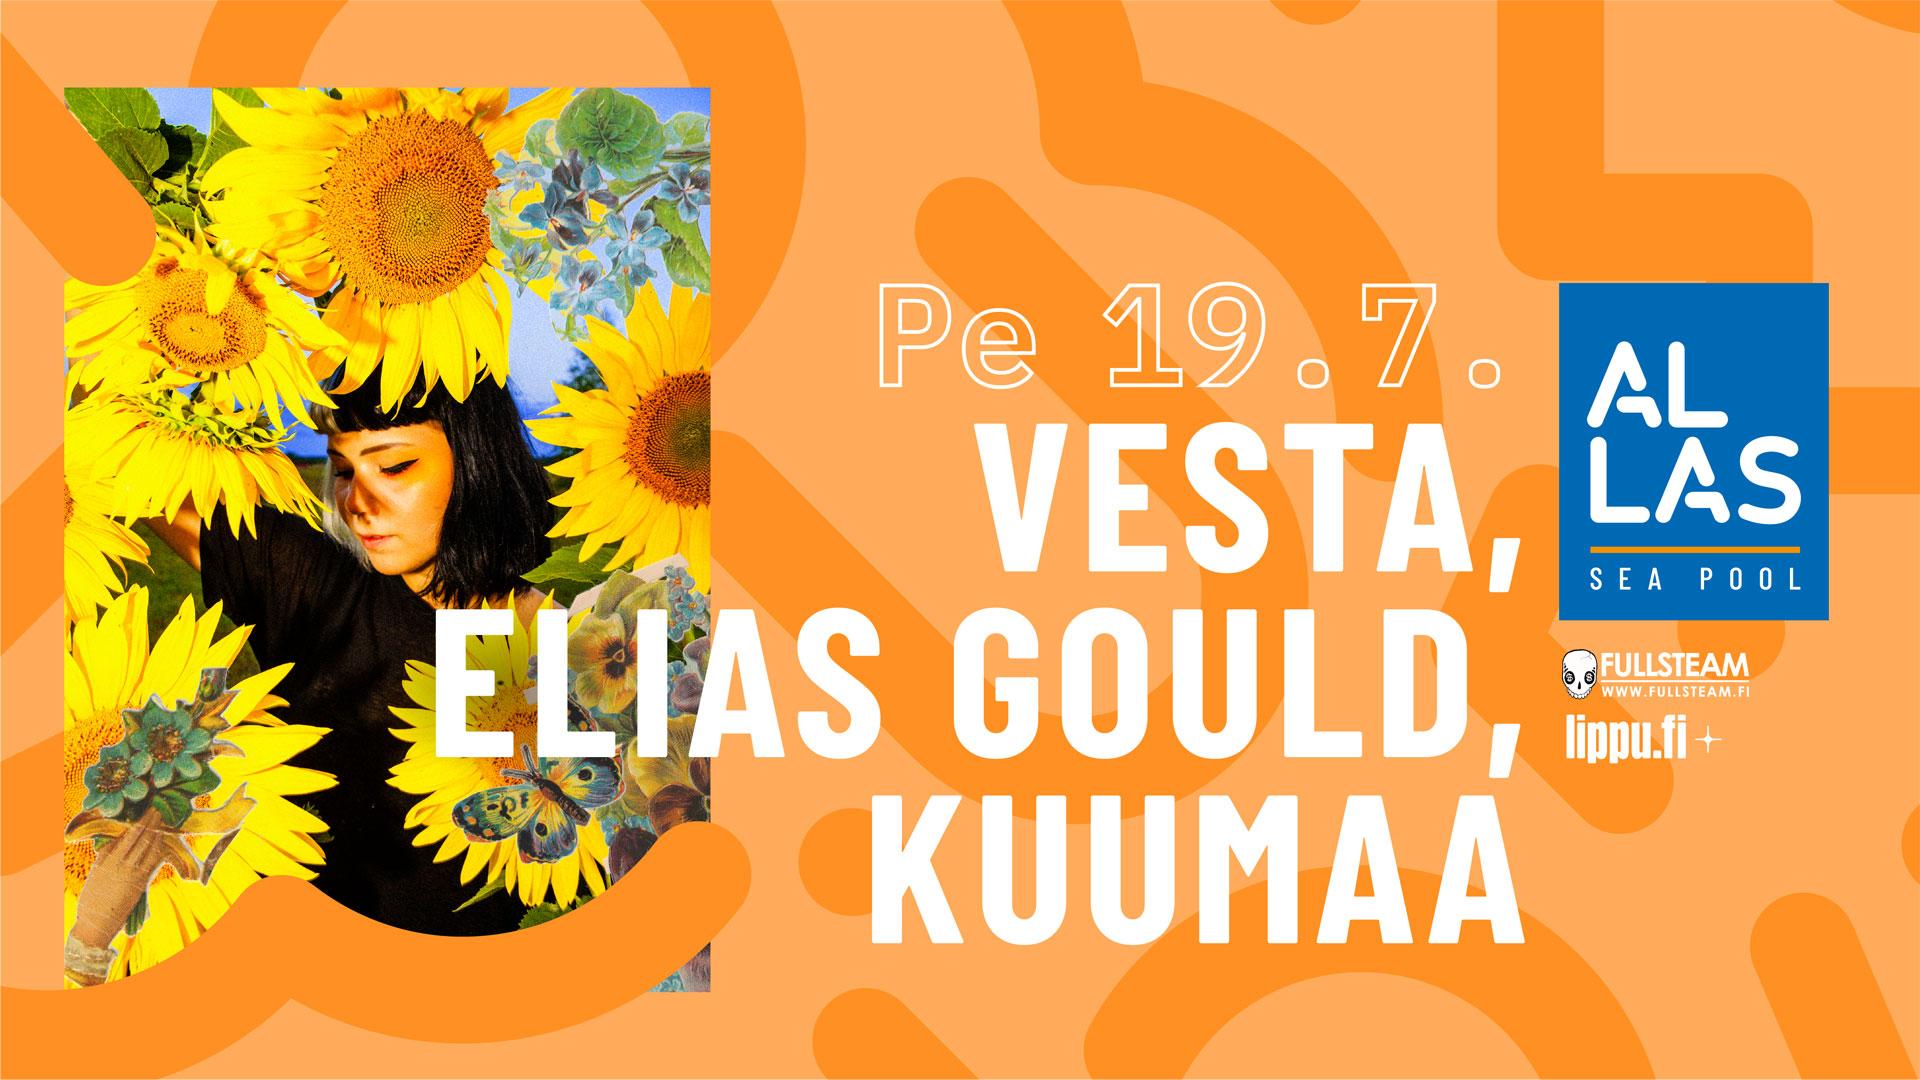 Linkki tapahtumaan Vesta + Elias Gould + Kuumaa